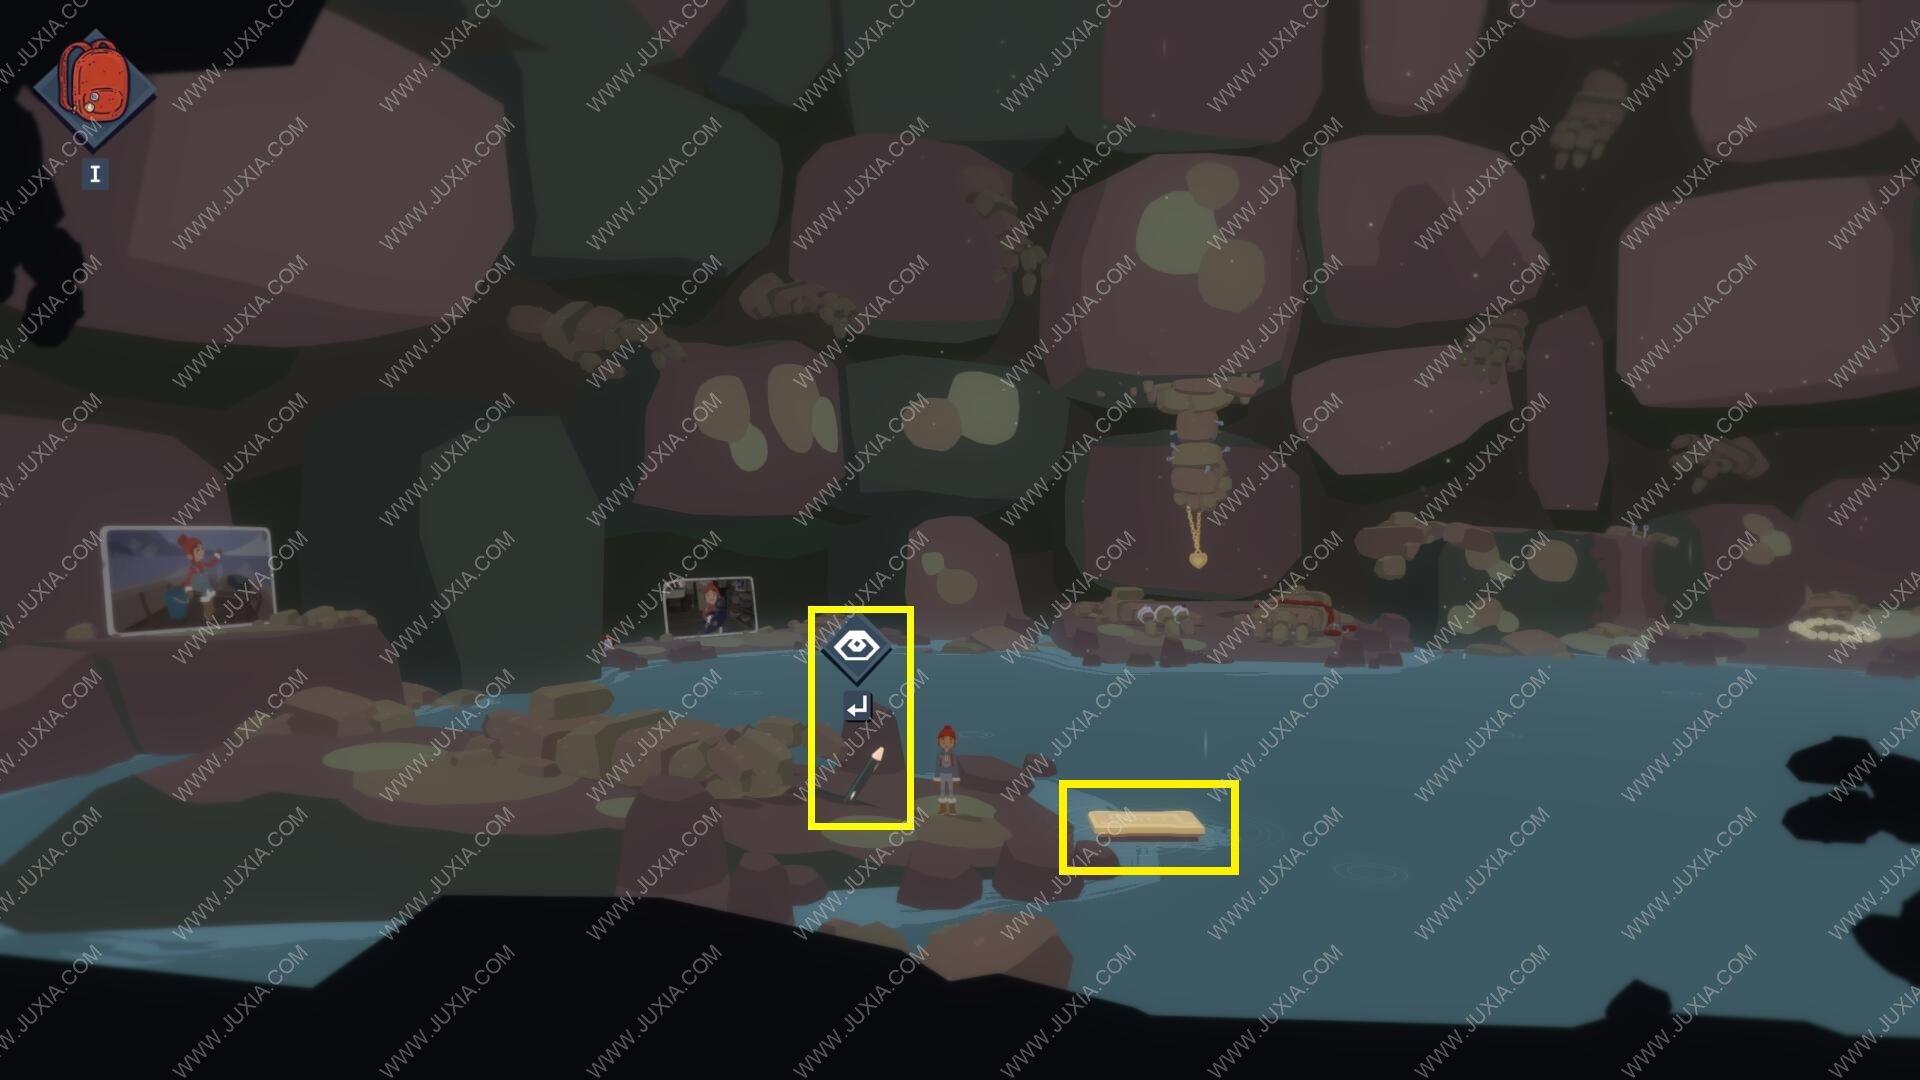 Röki完整攻略 第二章攻略中镜子怎么摆放